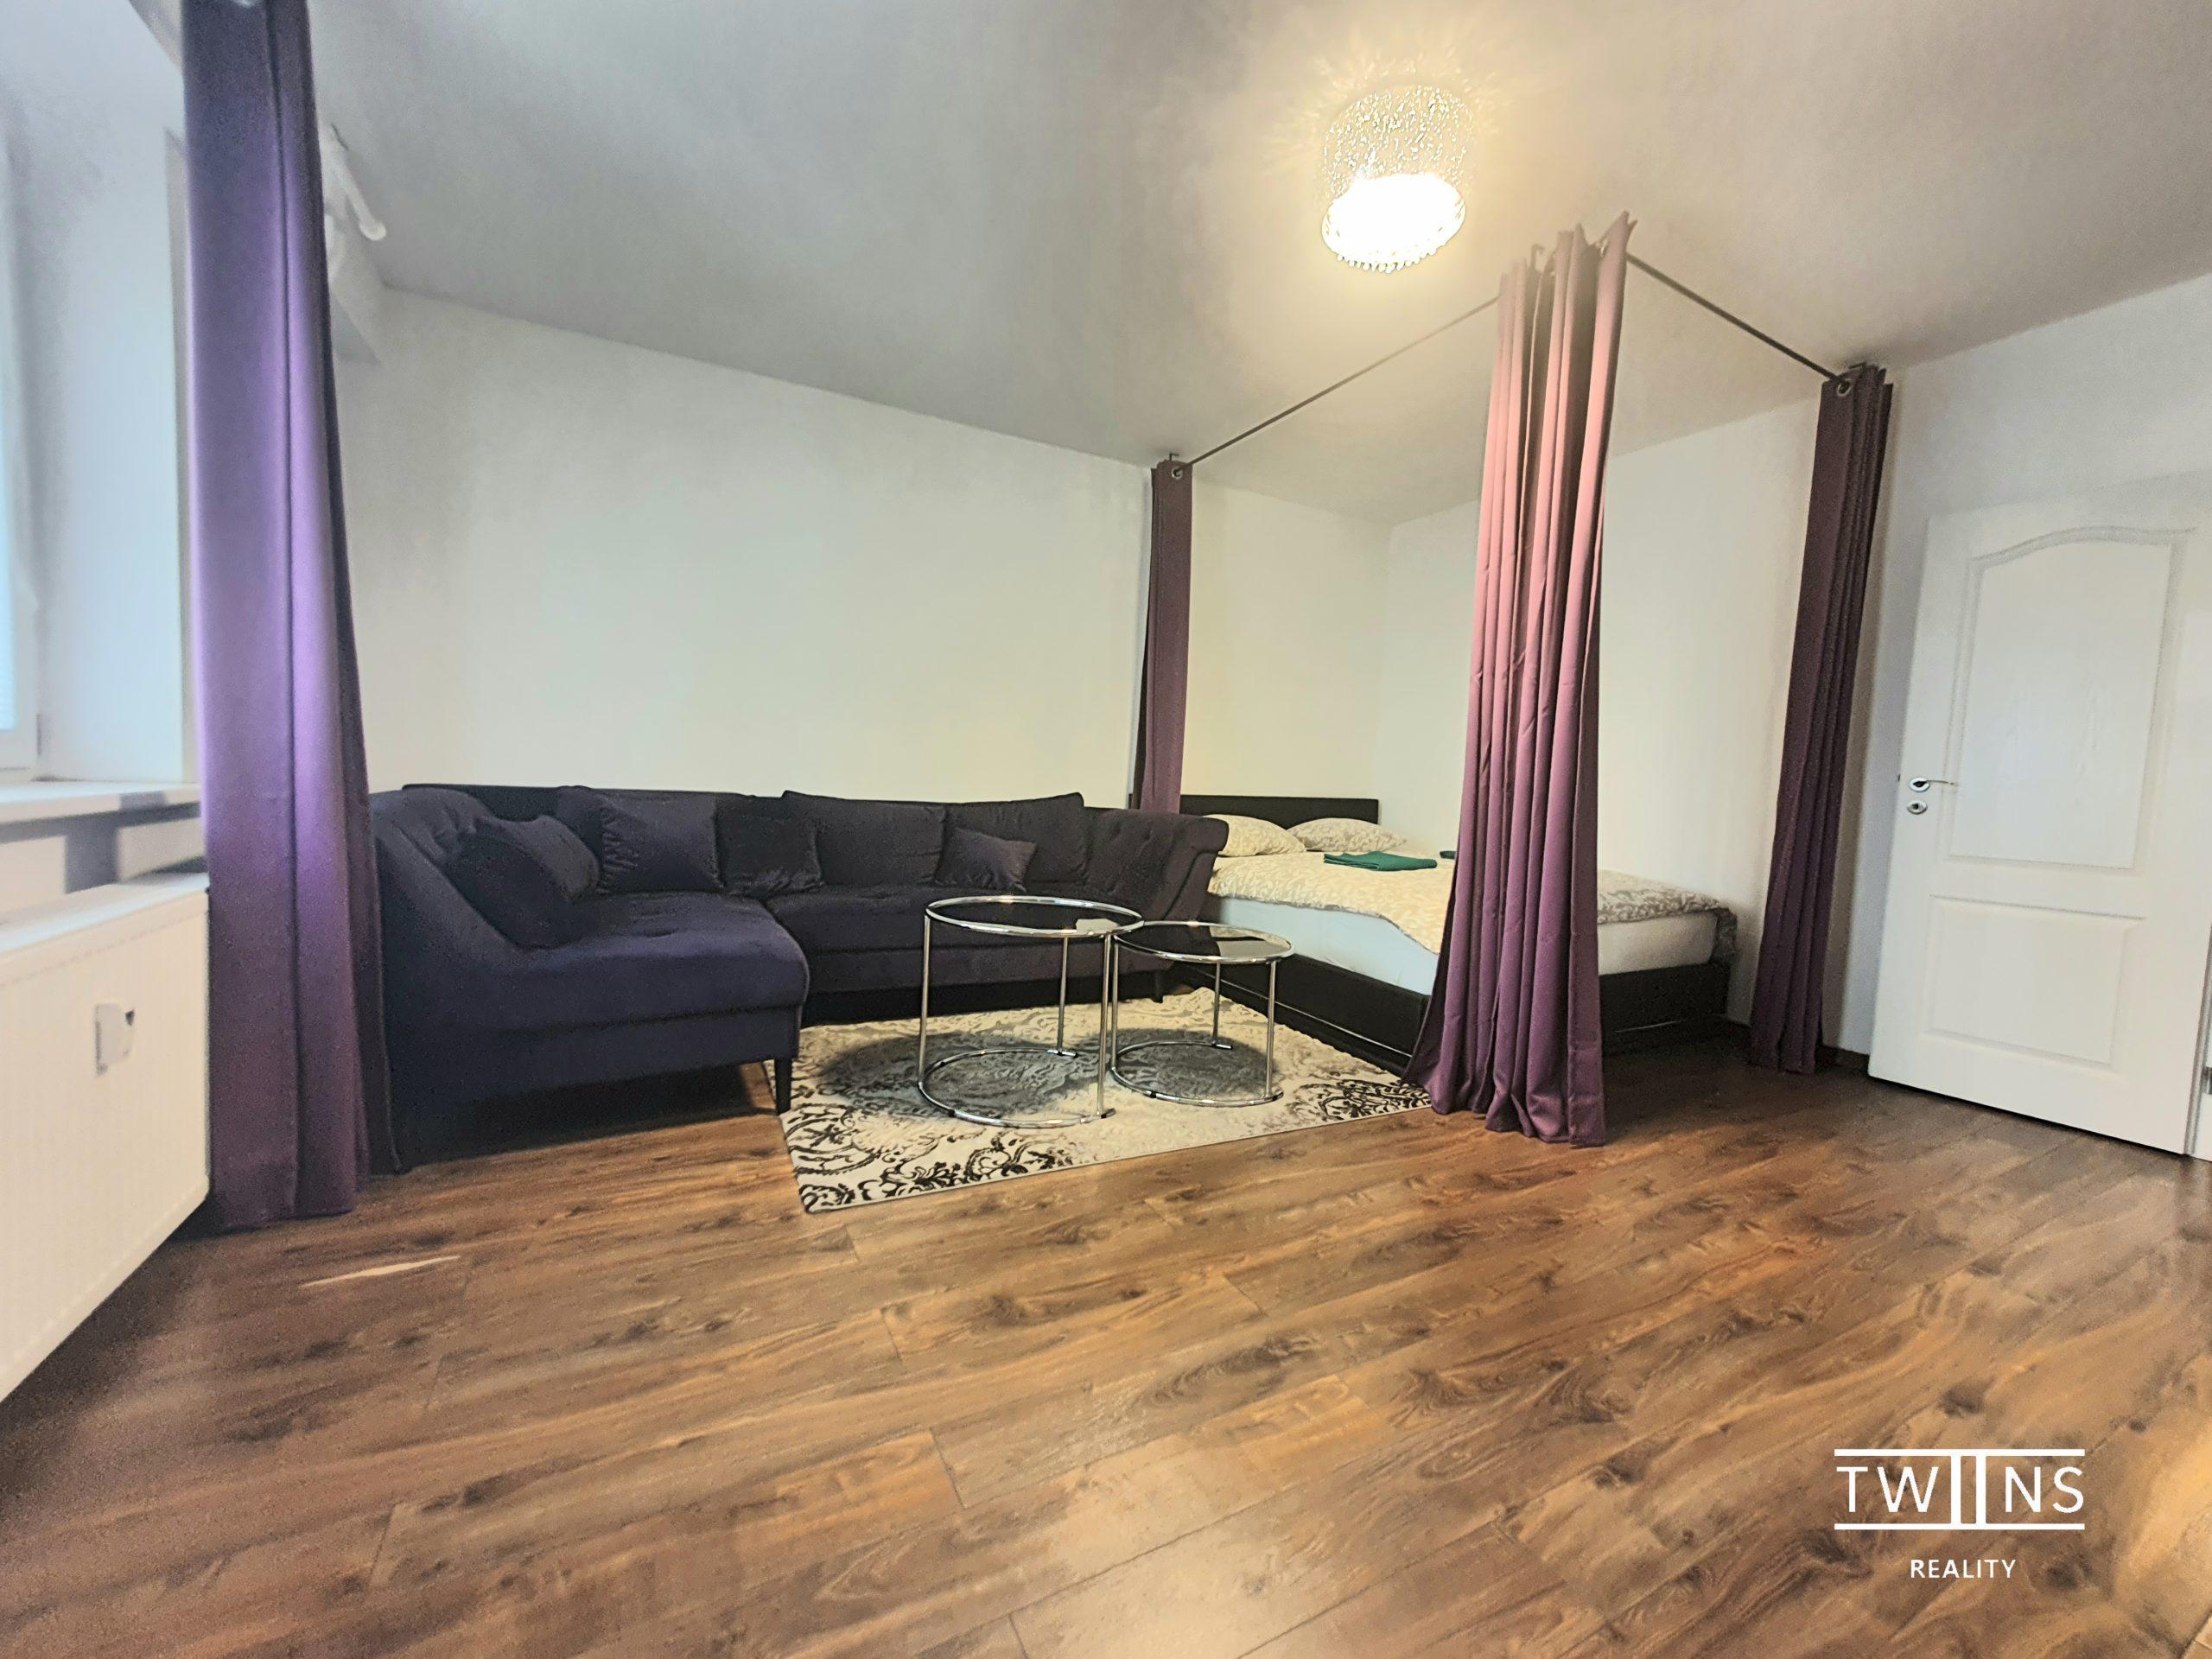 Prenajaté!! Prenajmeme velkometrazny 1 izbovy byt v sirsom centre Bratislavy . Krasne a vkusne prerobeny